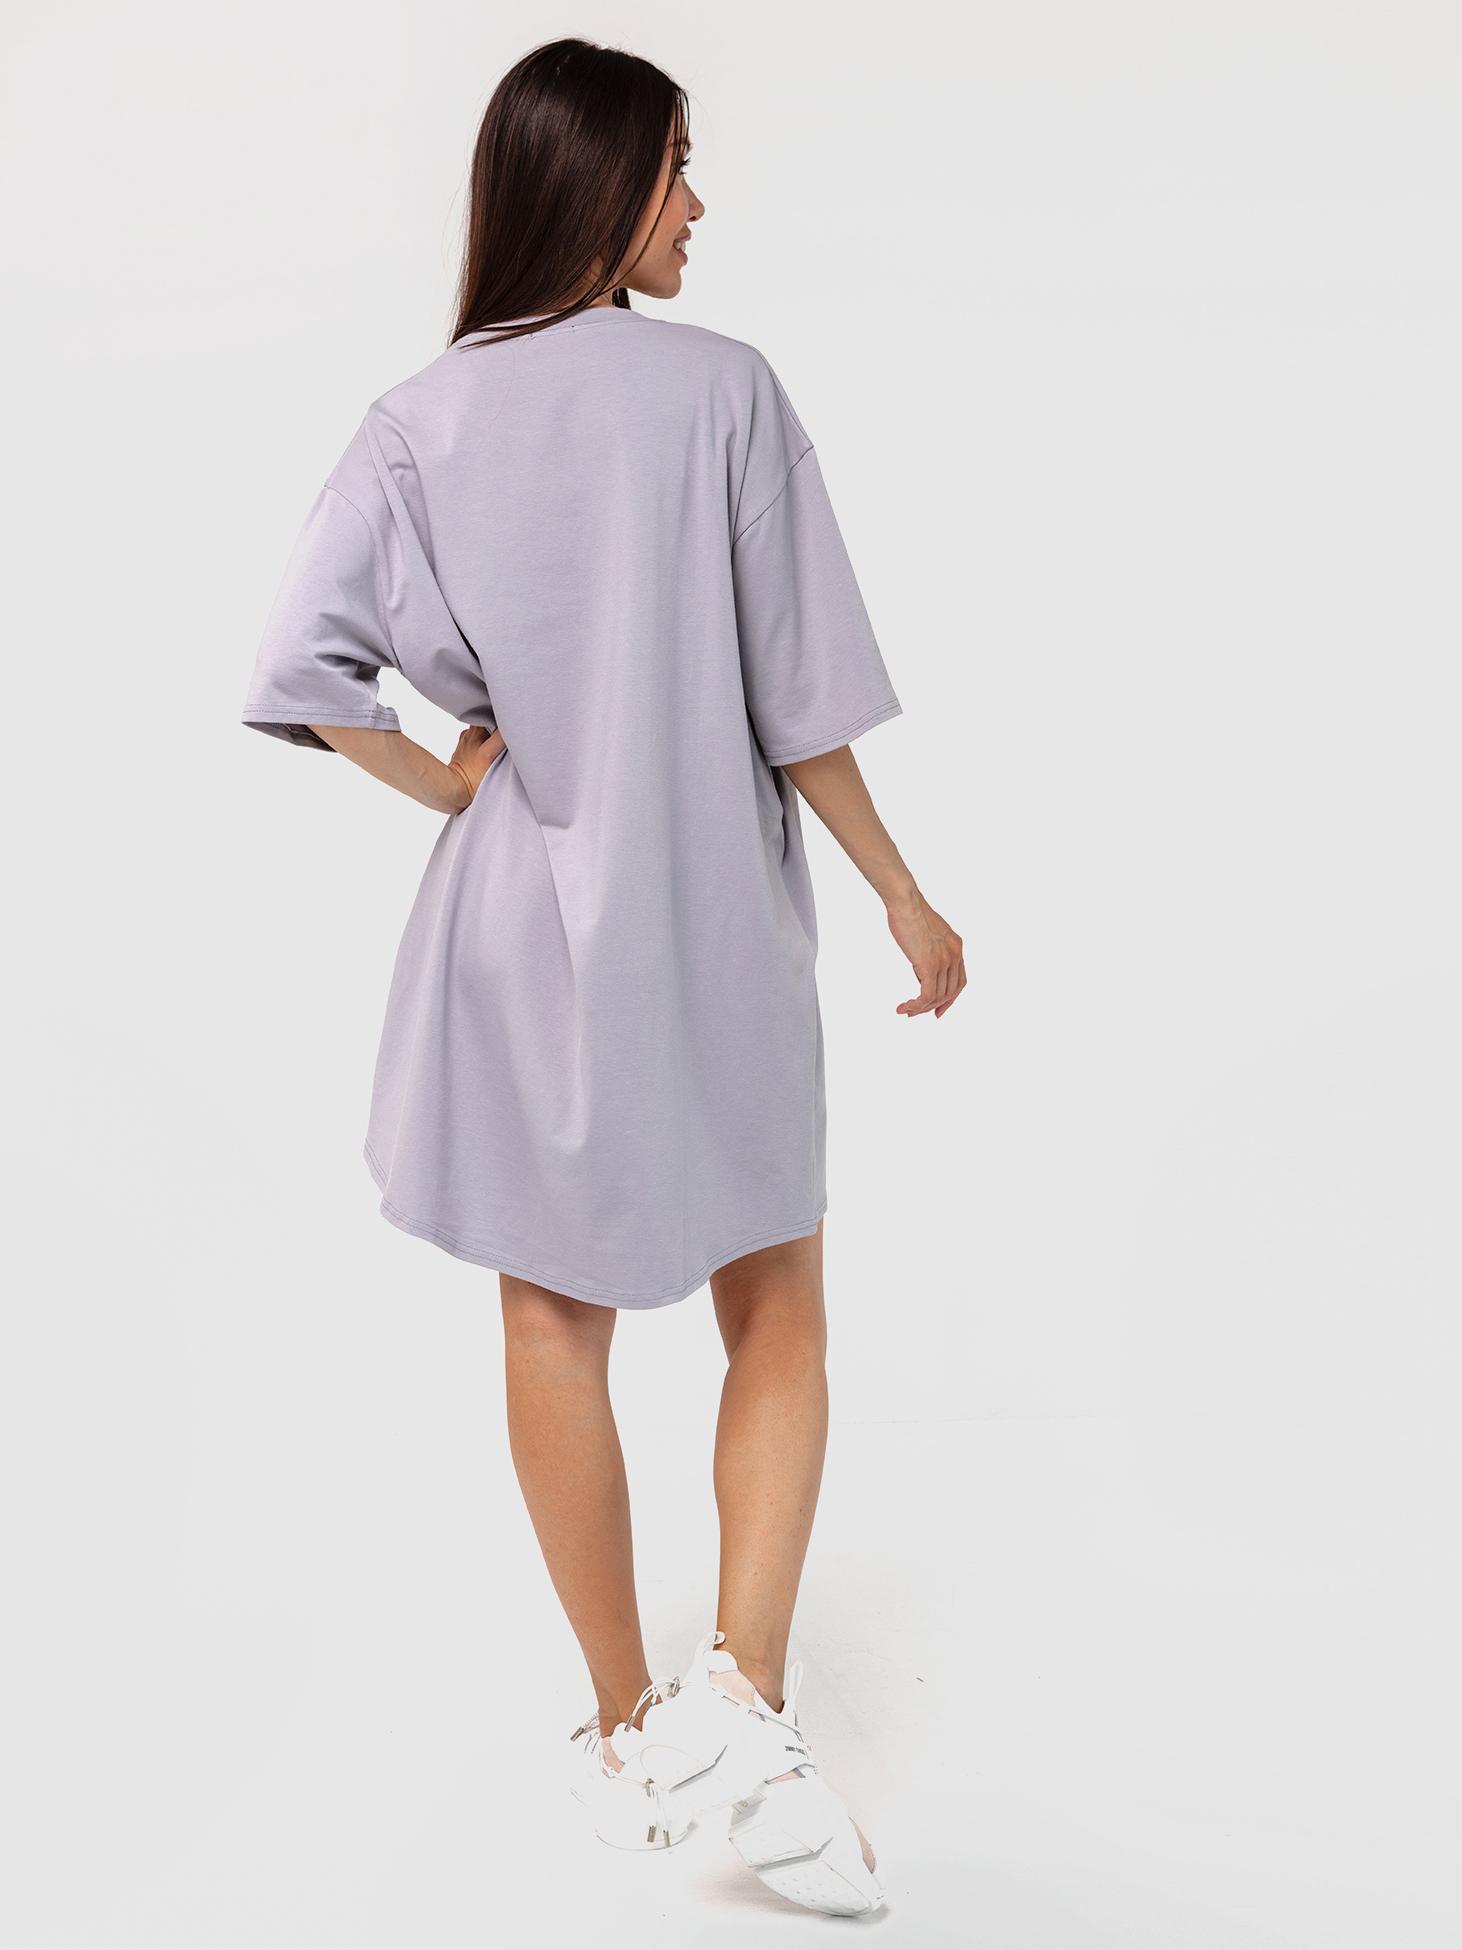 Платье-футболка хлопковое серое YOS от украинского бренда Your Own Style